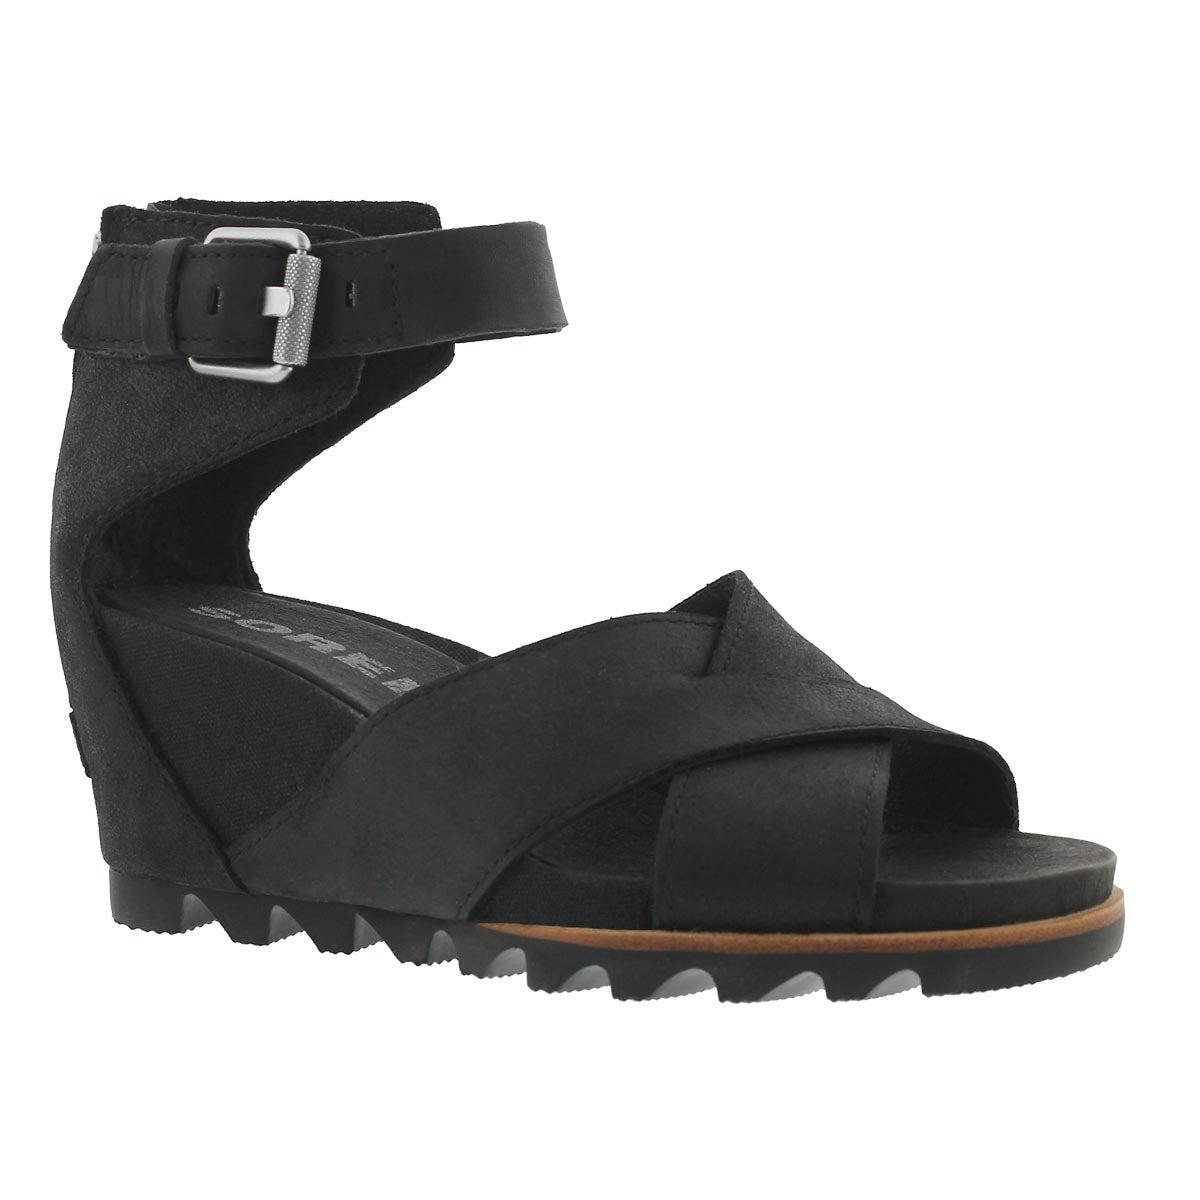 Women's JOANIE II black wedge sandals